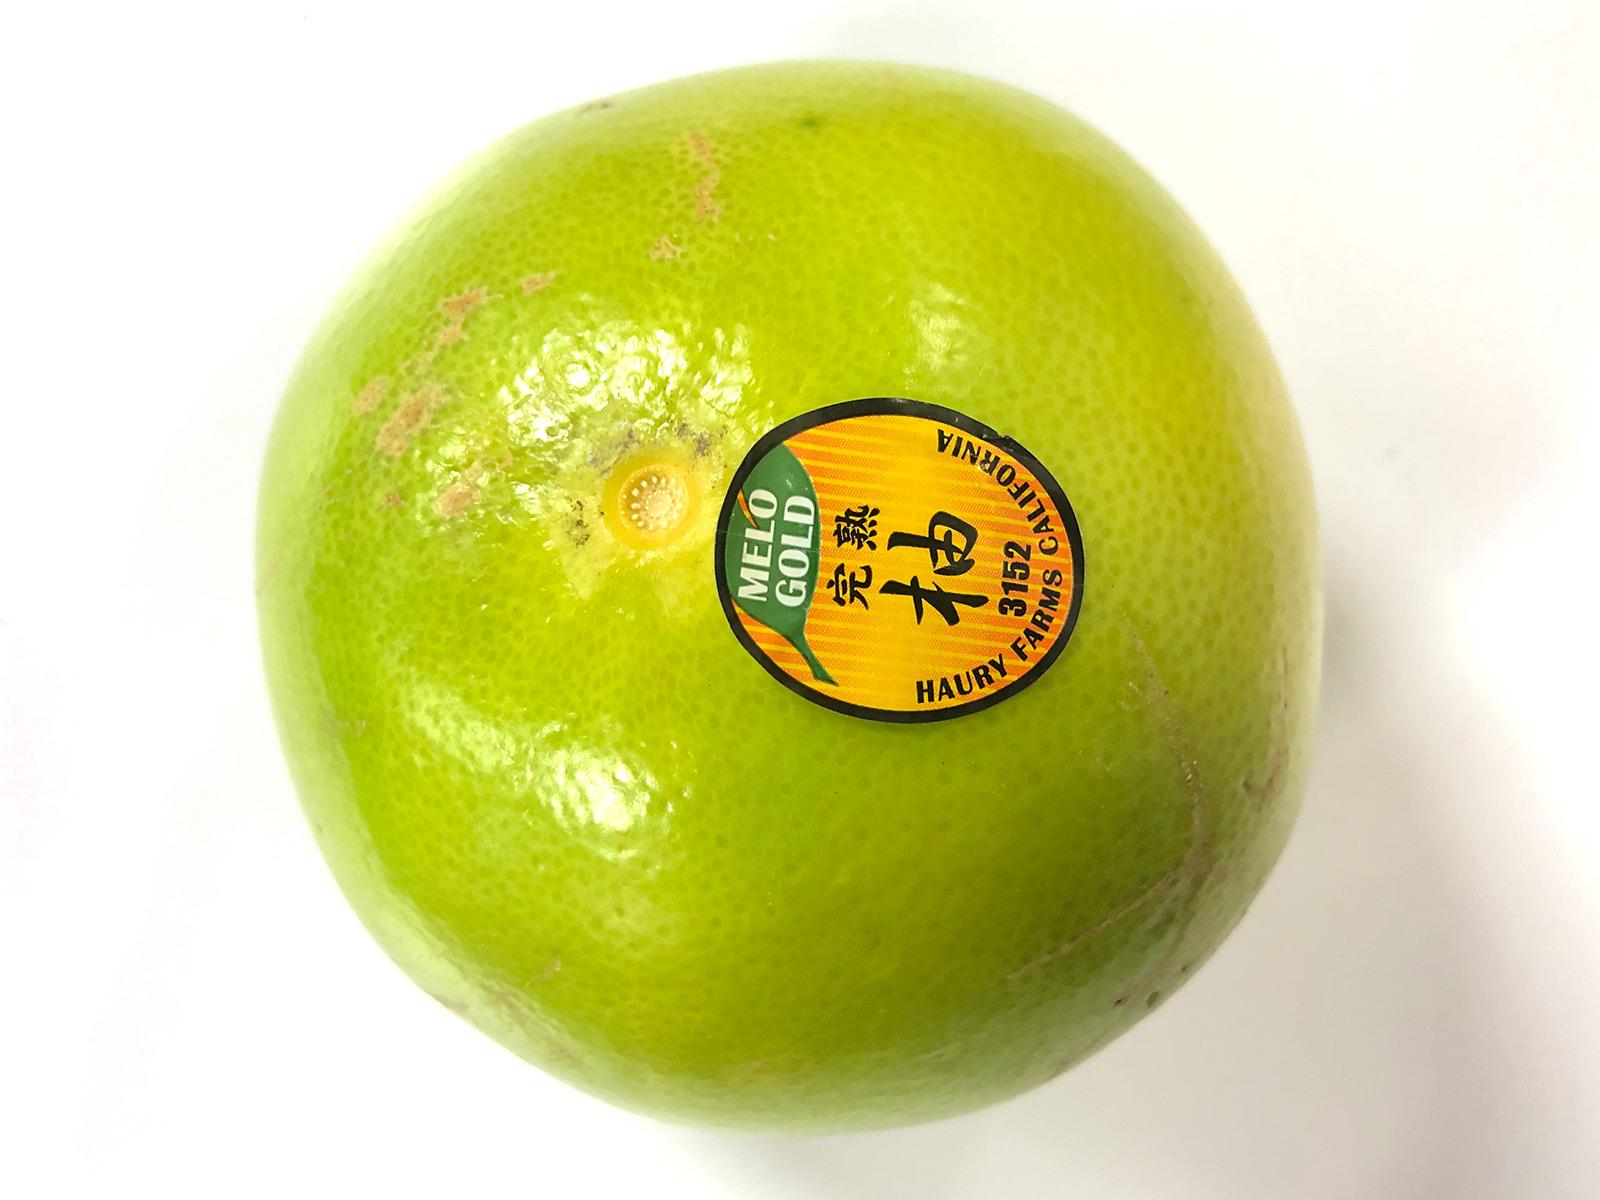 3152-melo-gold-grapefruit.jpg